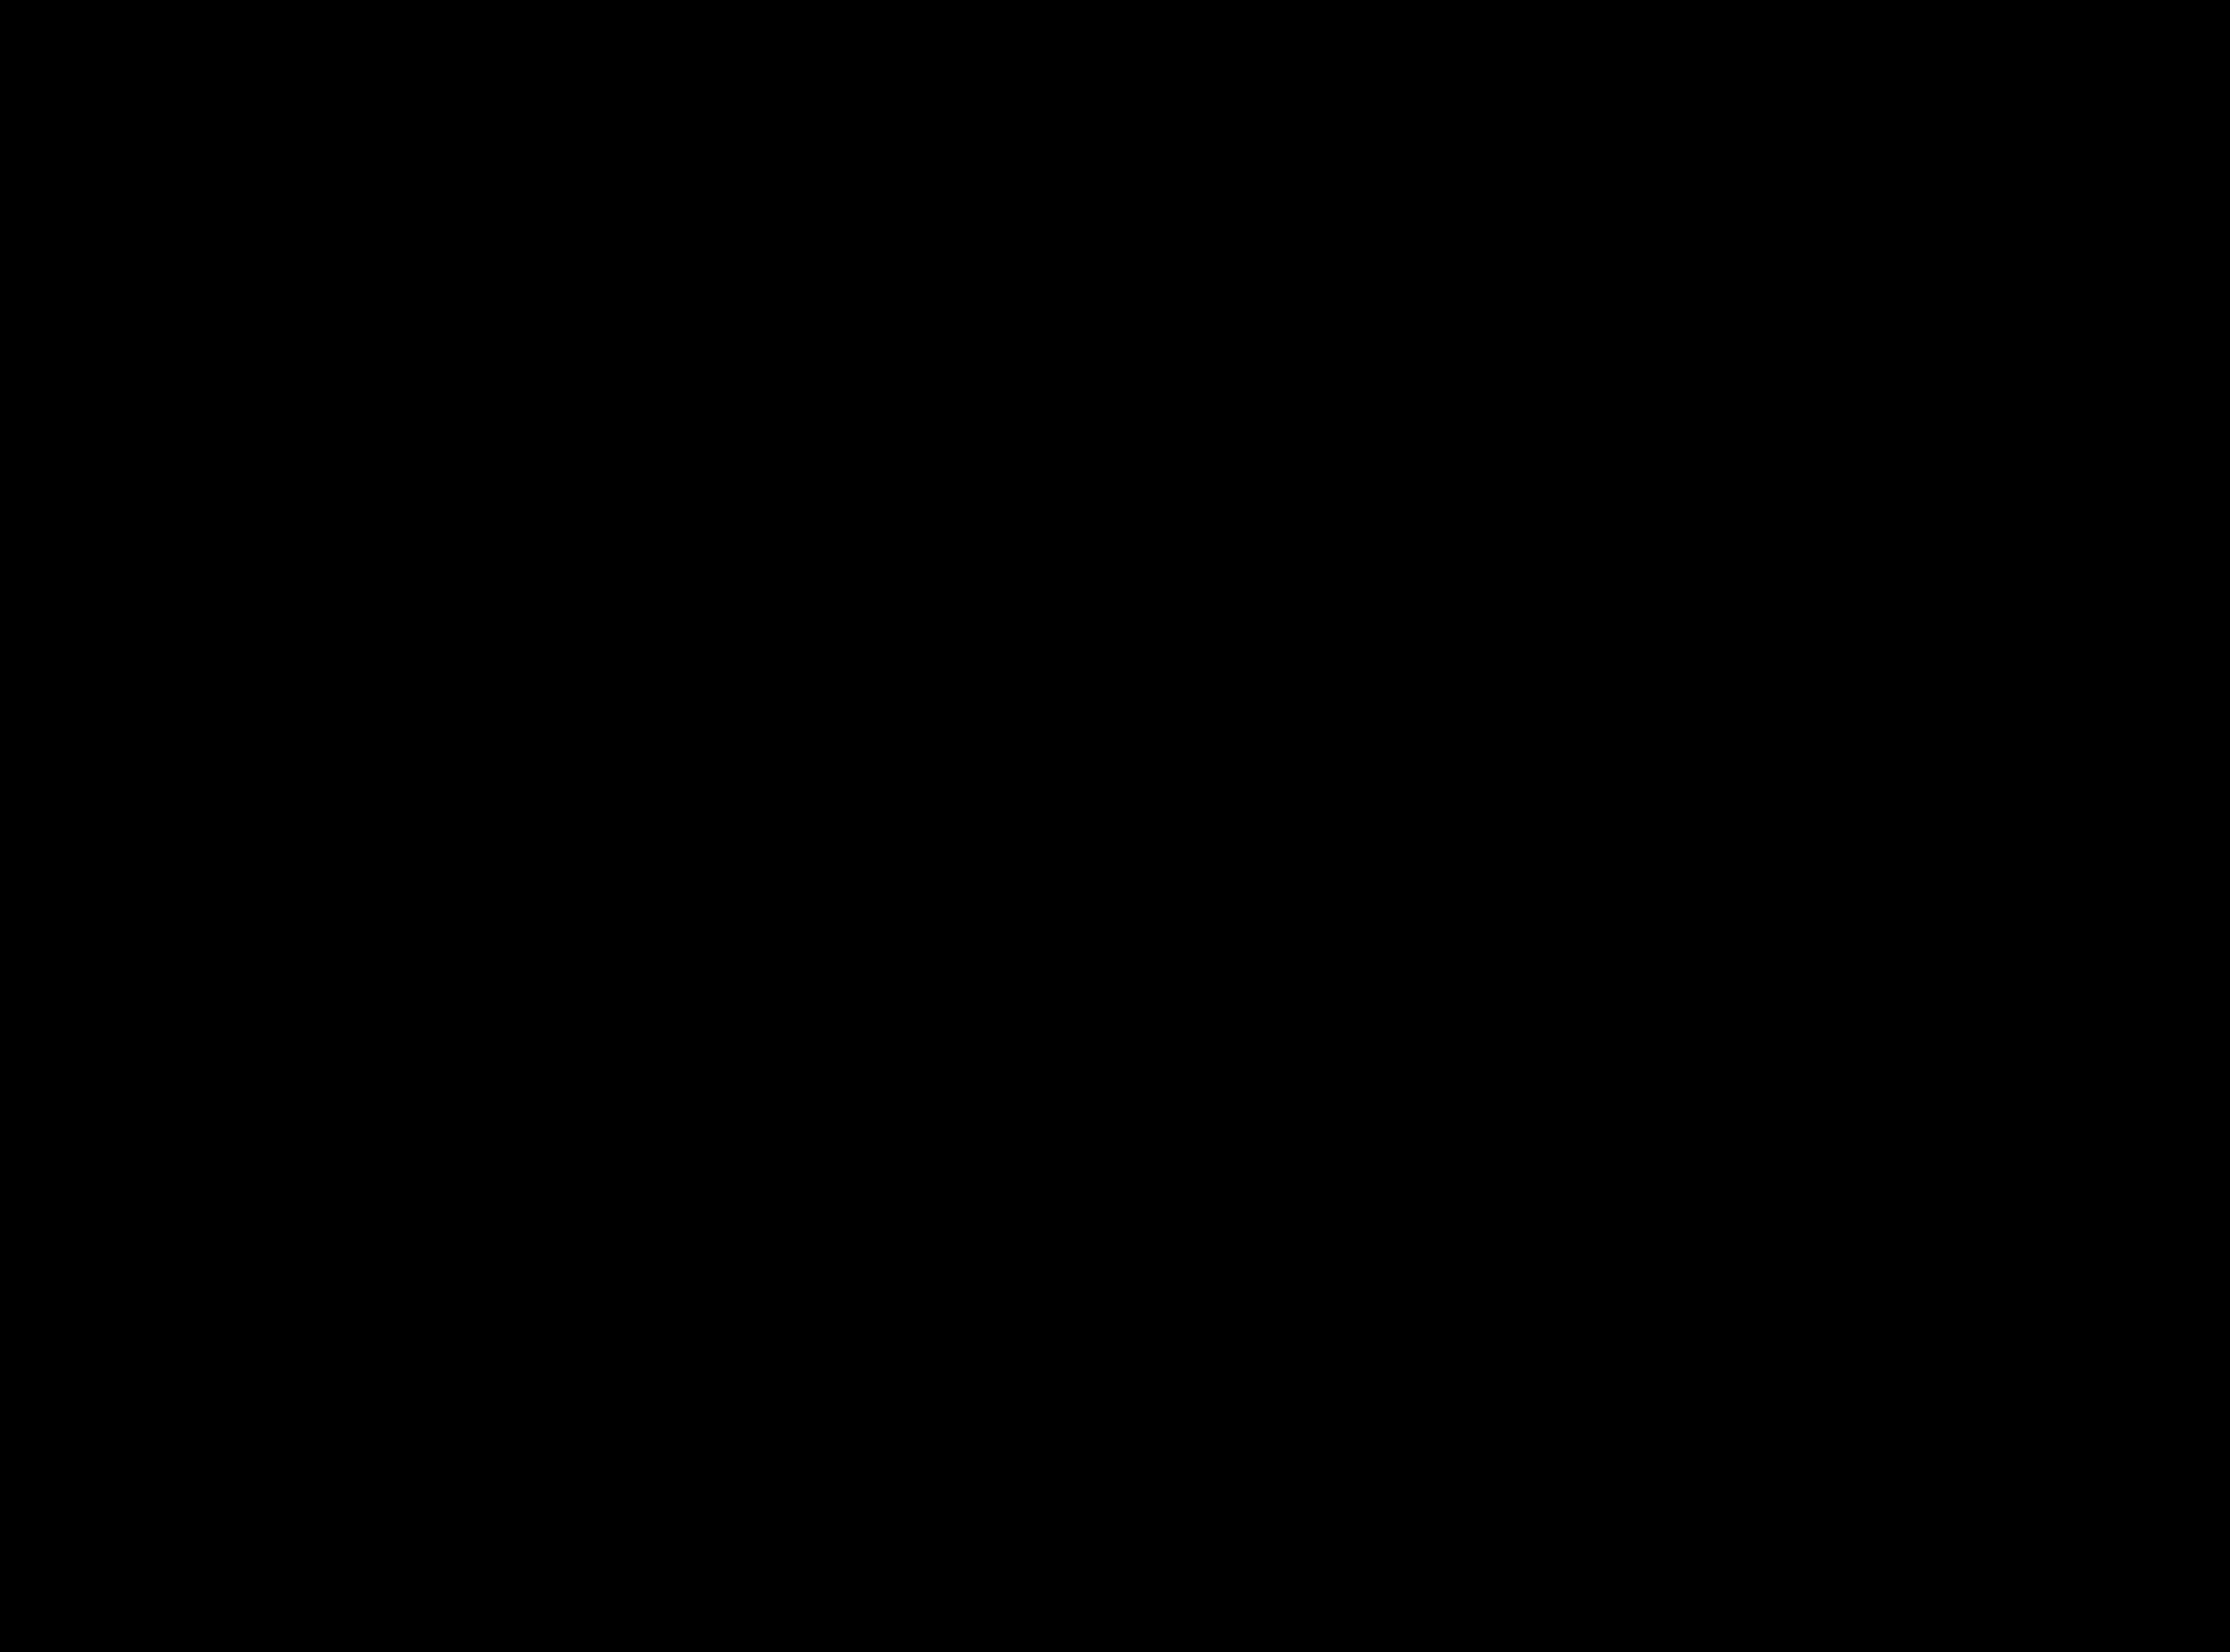 escort sex massage free  dating